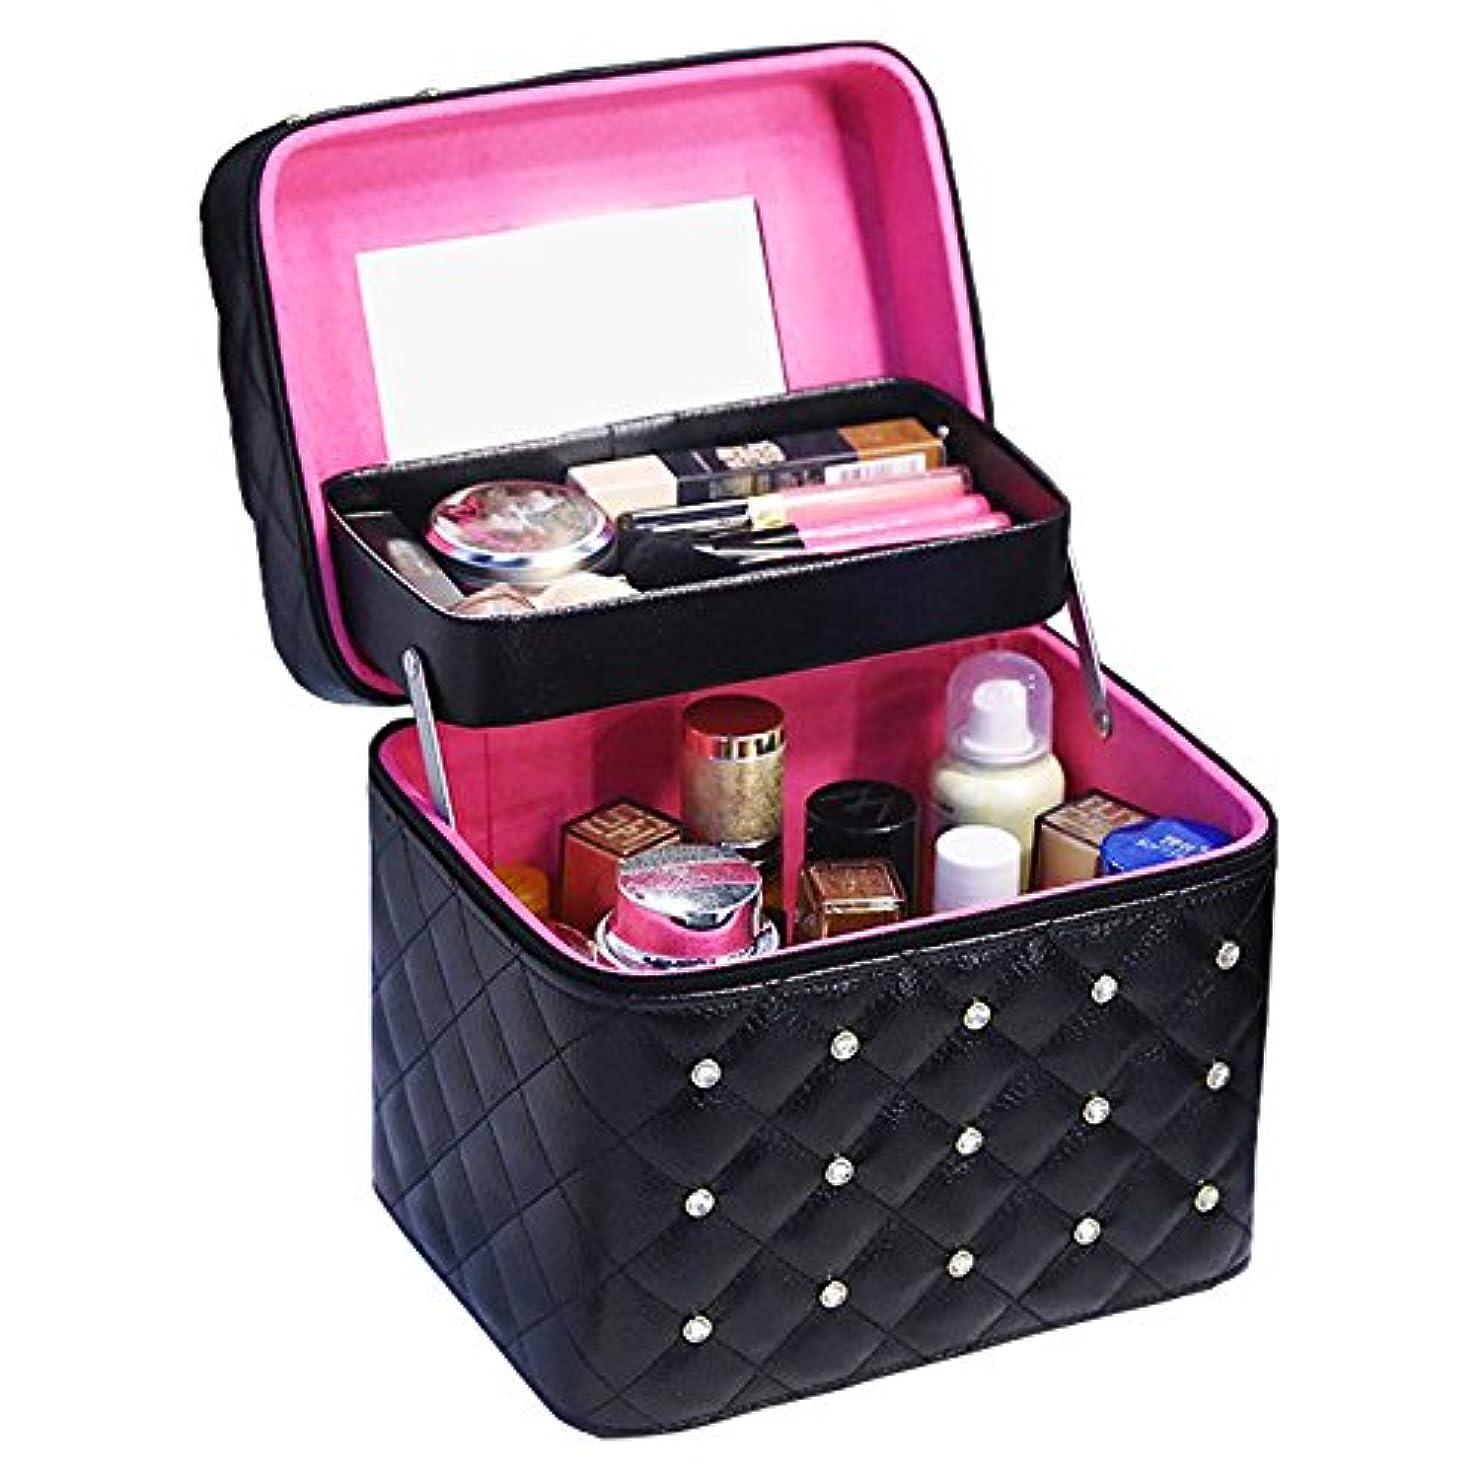 守る変化する足首Twinkle goods (ツインクルグッズ) メイクボックス コスメボックス 化粧品 収納 PUレザー お洒落なデザイン メイク道具をすっきり収納 携帯にも 2段タイプ